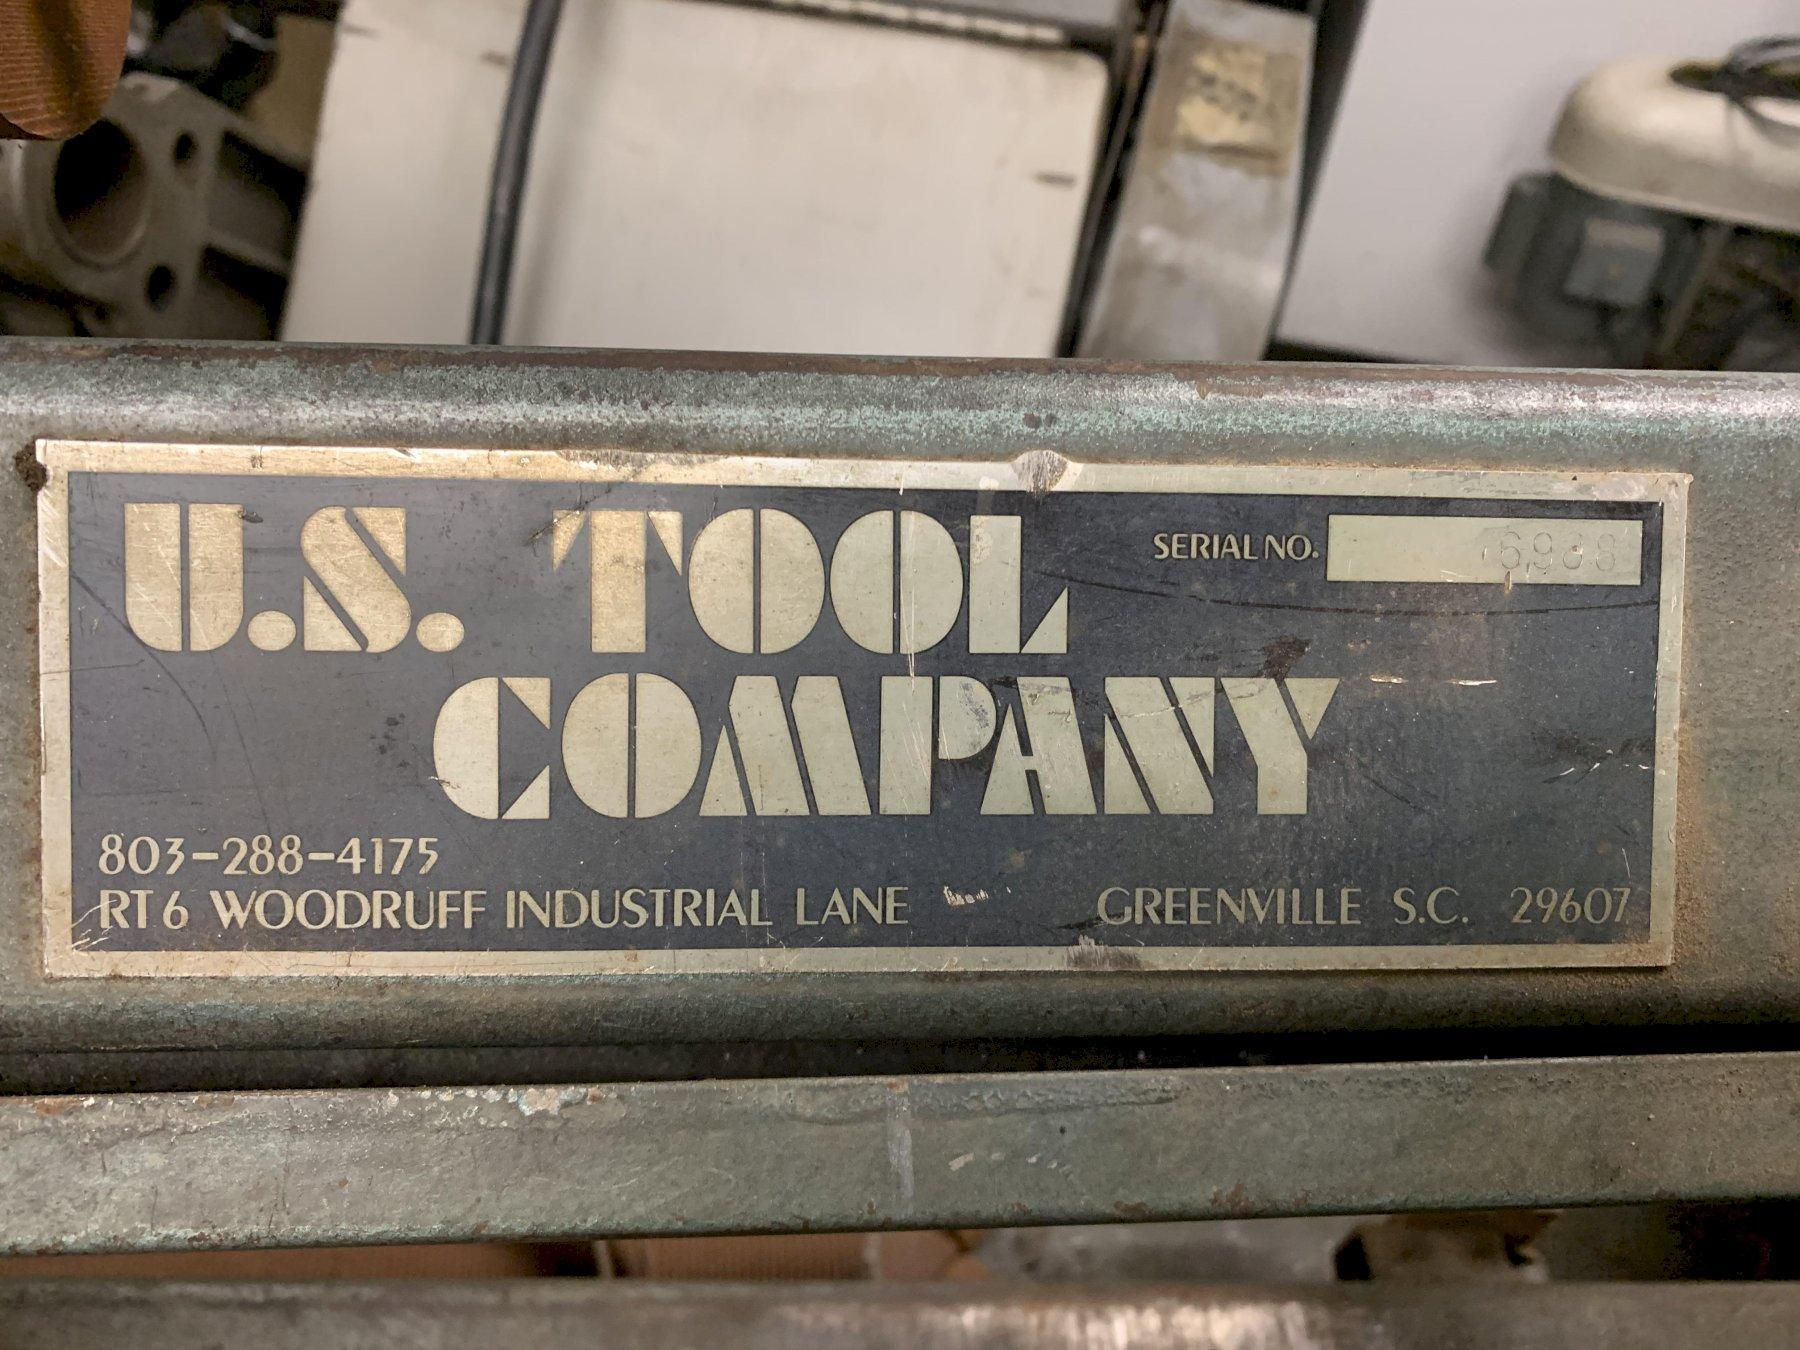 US Tool Horizontal Band Saw